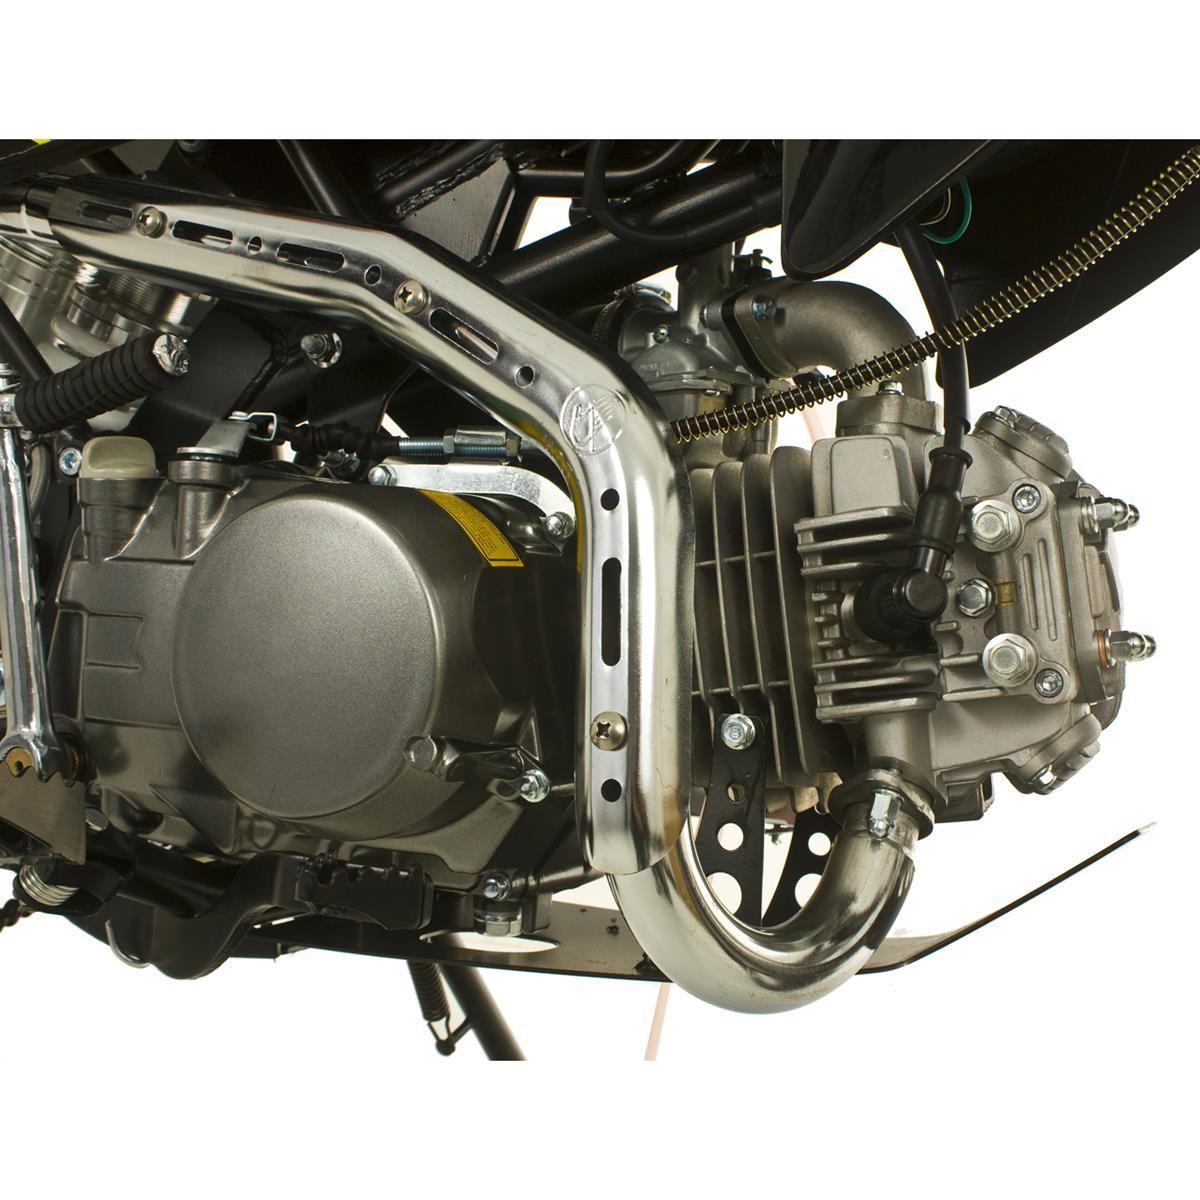 MCM 140 Pitracing Pitbike Rockstar Edition, CRF70   Maciag Offroad